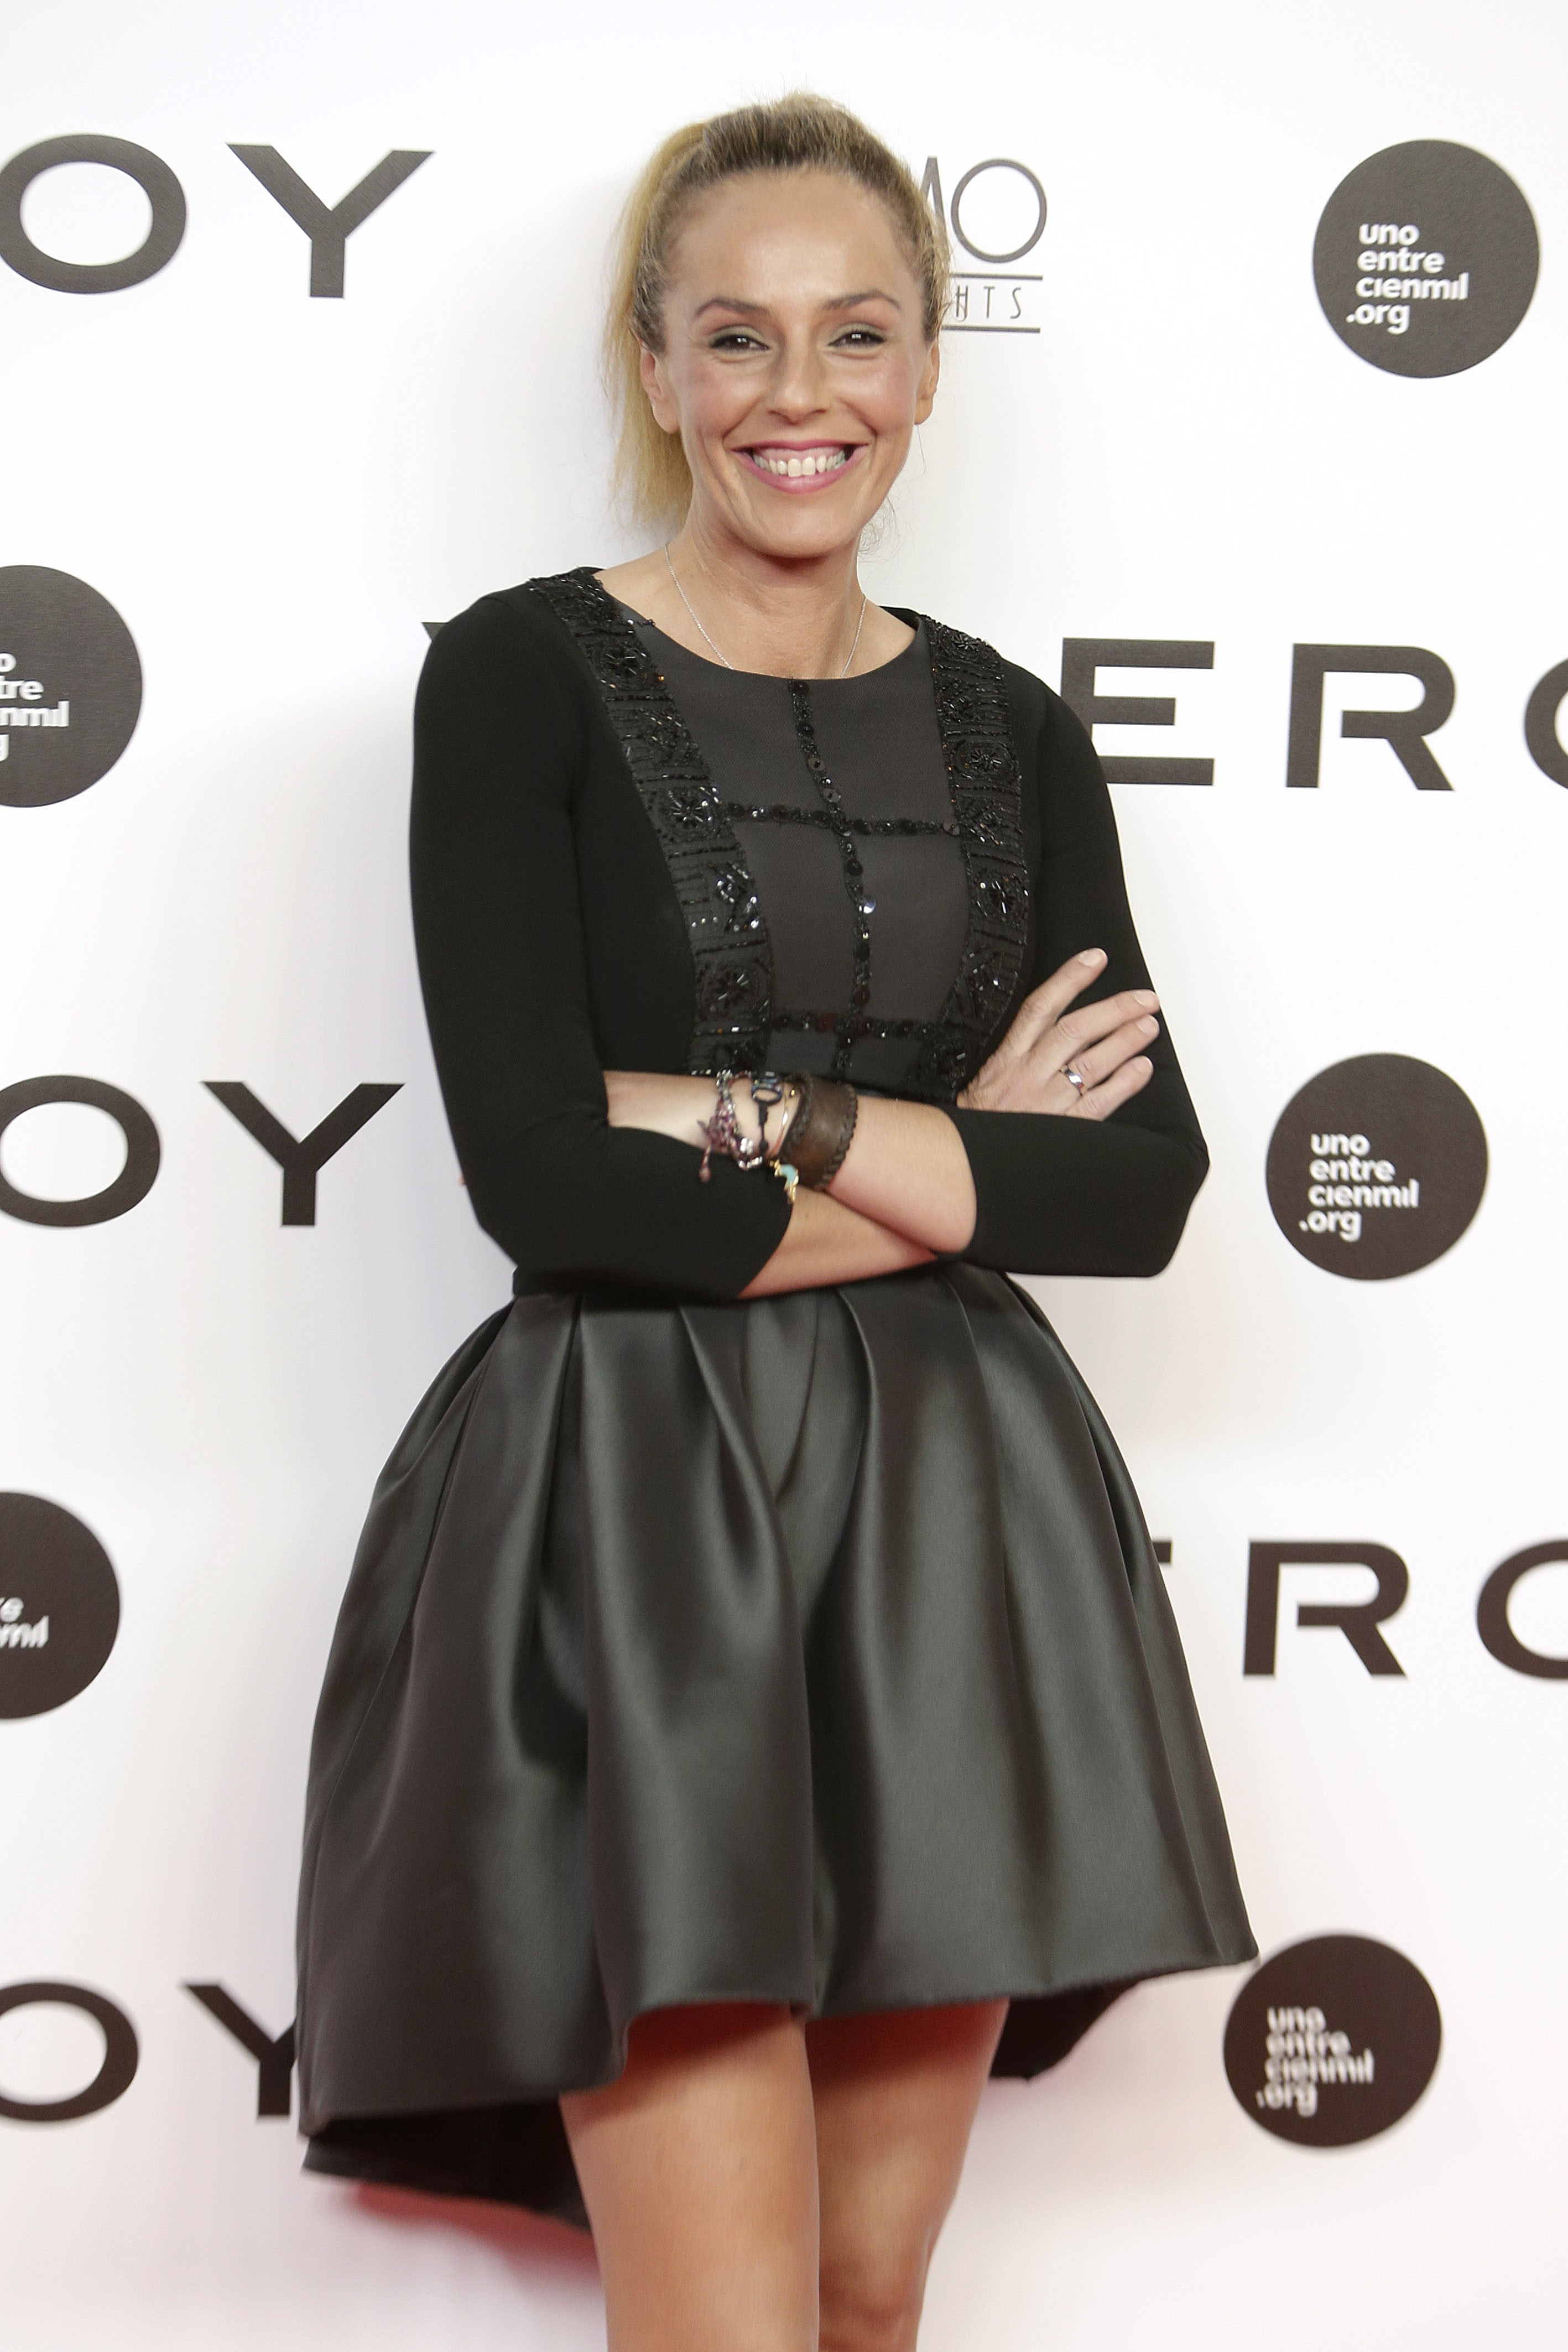 """Rocío Carrasco durante la premiere del documental """" Soy uno entre cien mil """" en Madrid. 19/09/2016"""